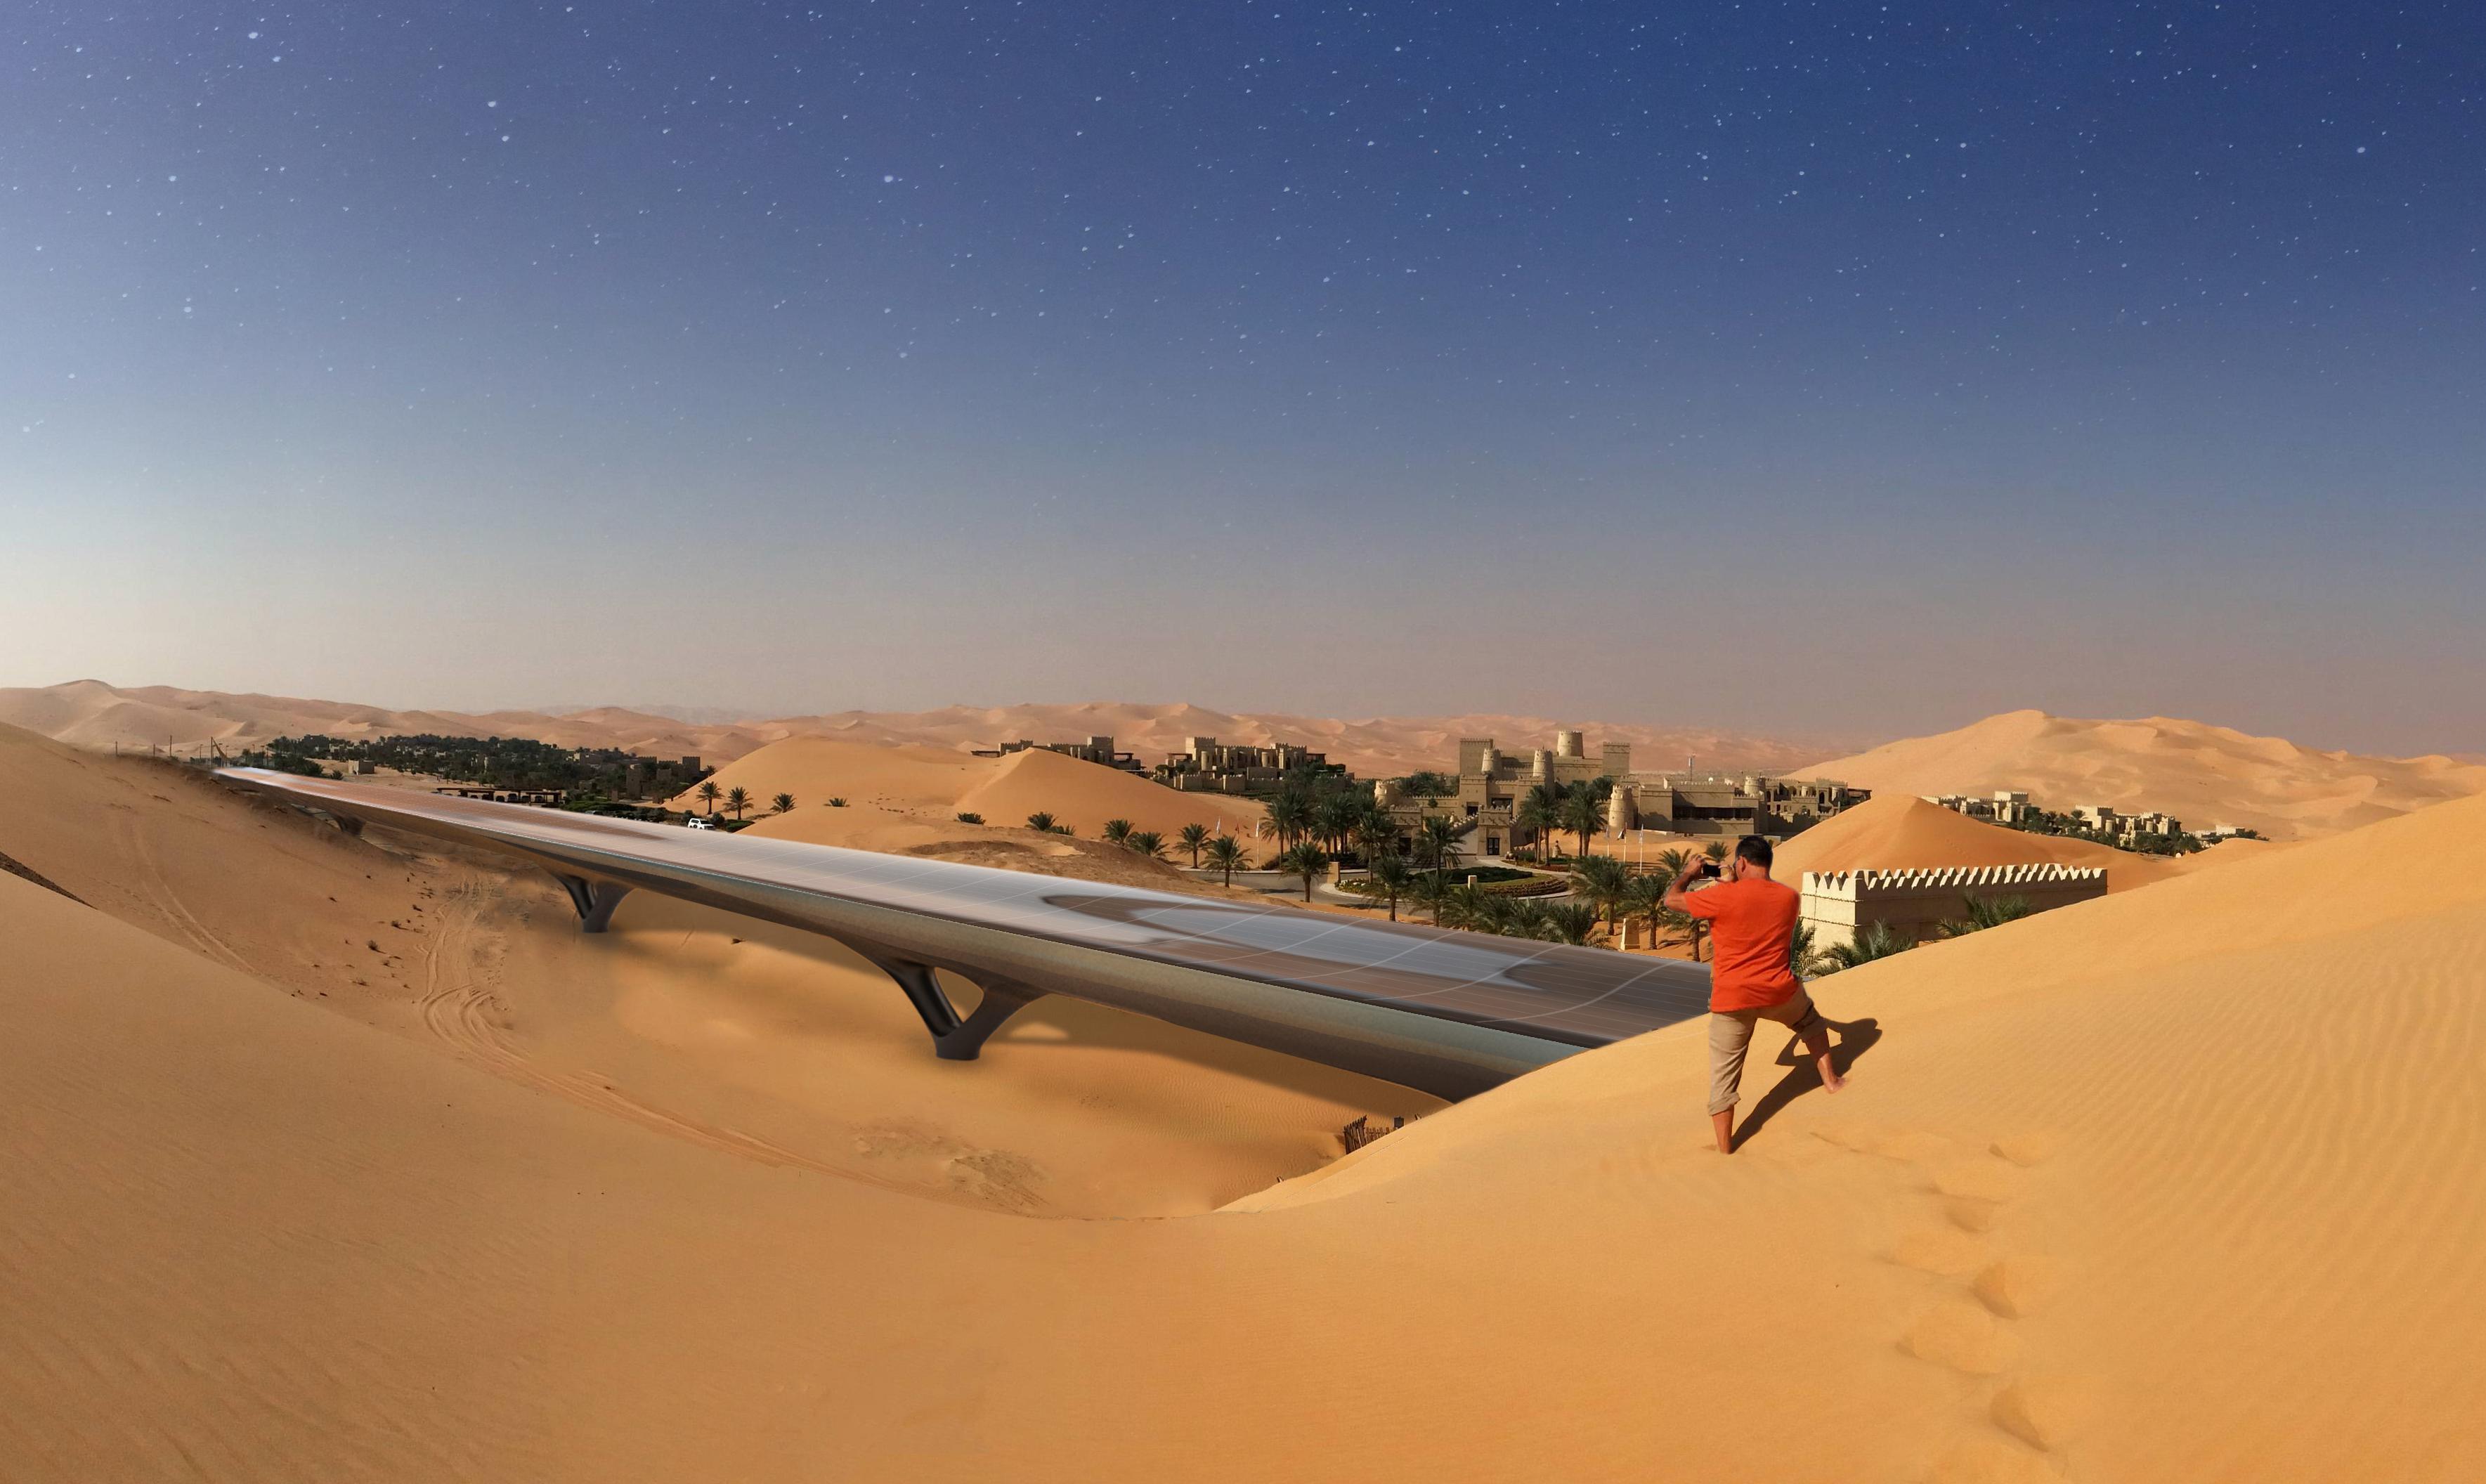 Ya ha cerrado acuerdos con China y Emiratos Árabes